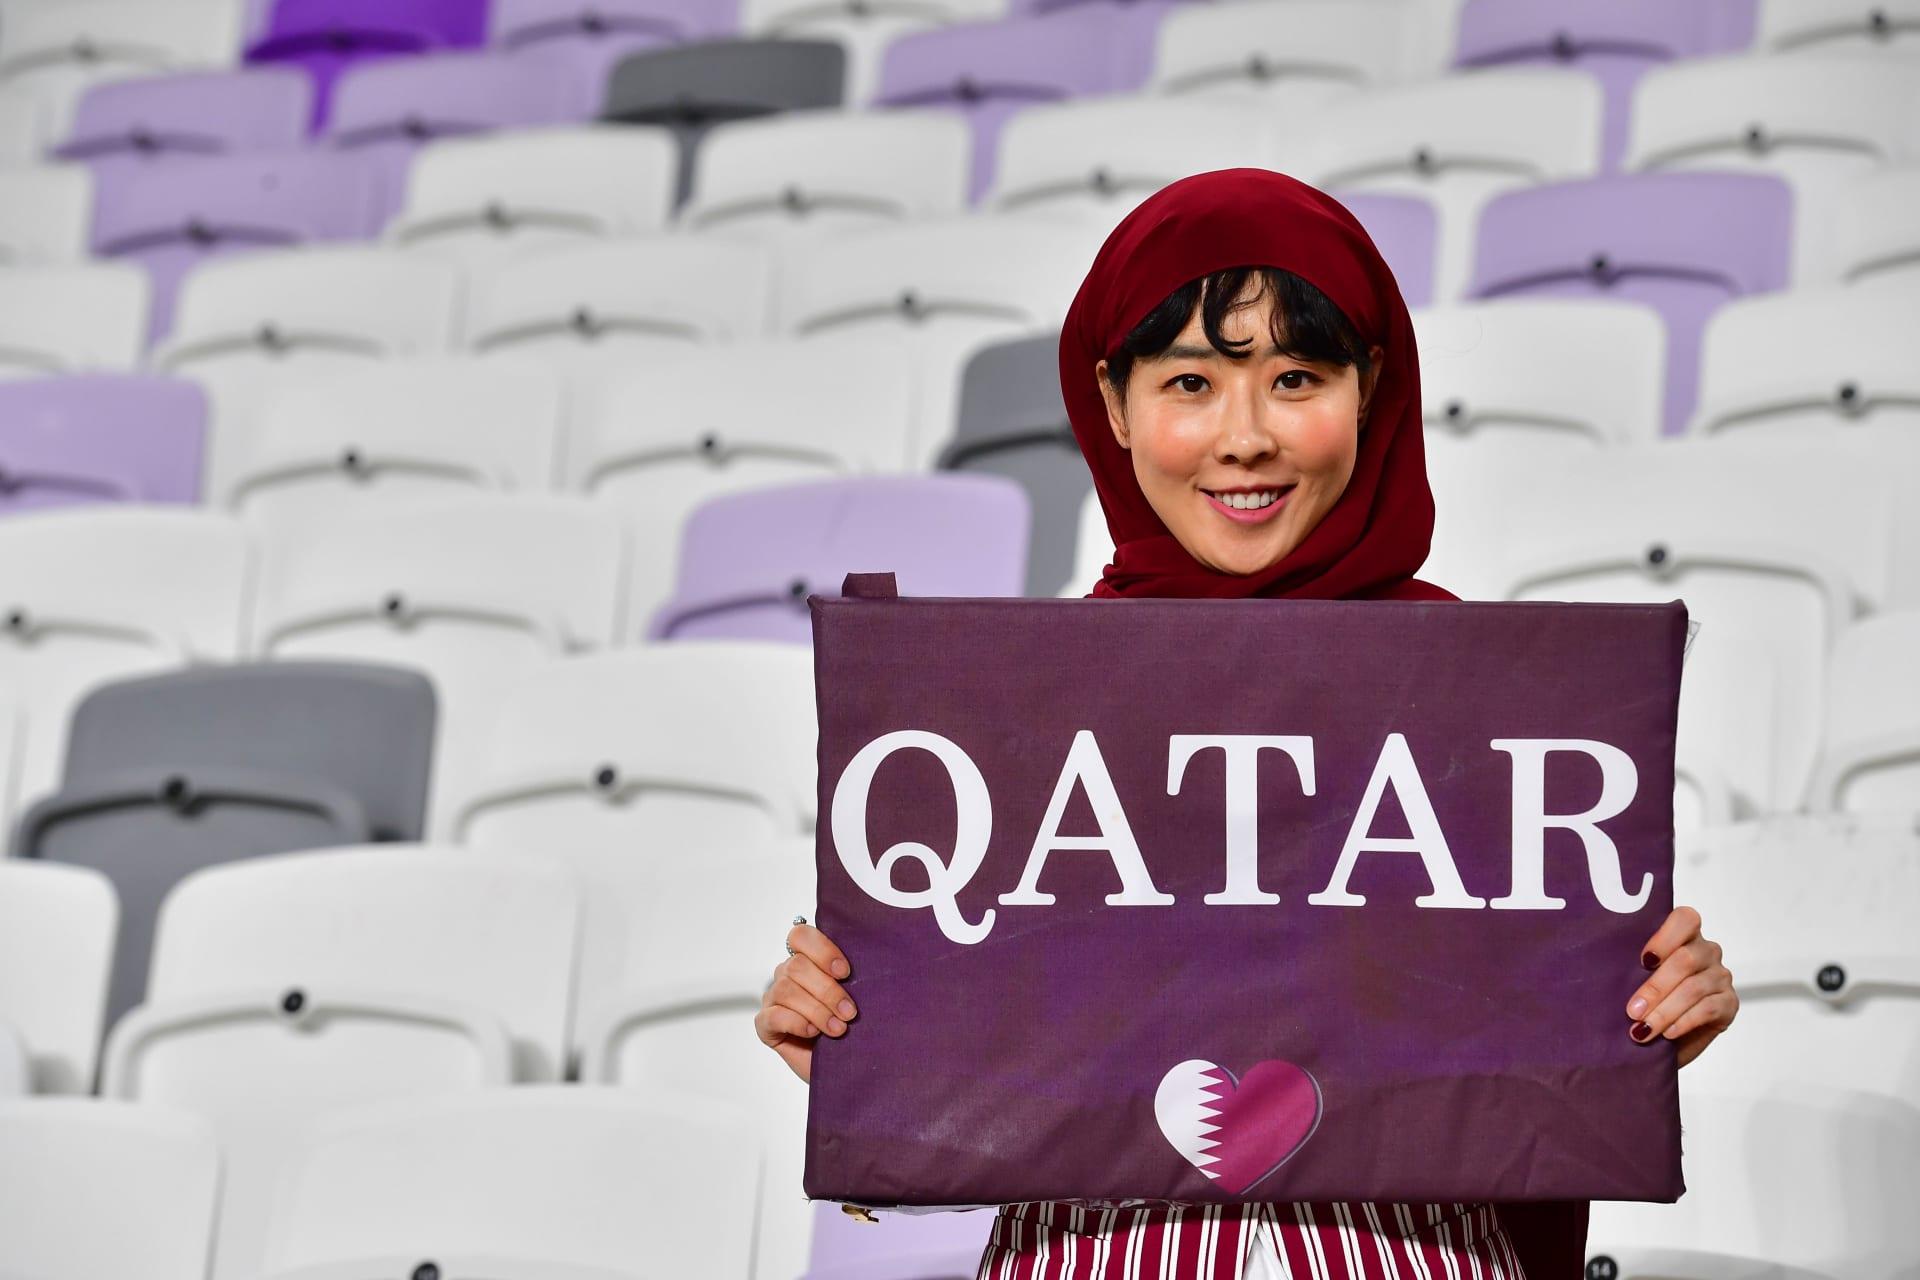 """اللجنة الإعلامية لكأس آسيا: عدم السماح للجماهير القطرية بحضور البطولة """"يتنافى مع الواقع"""""""